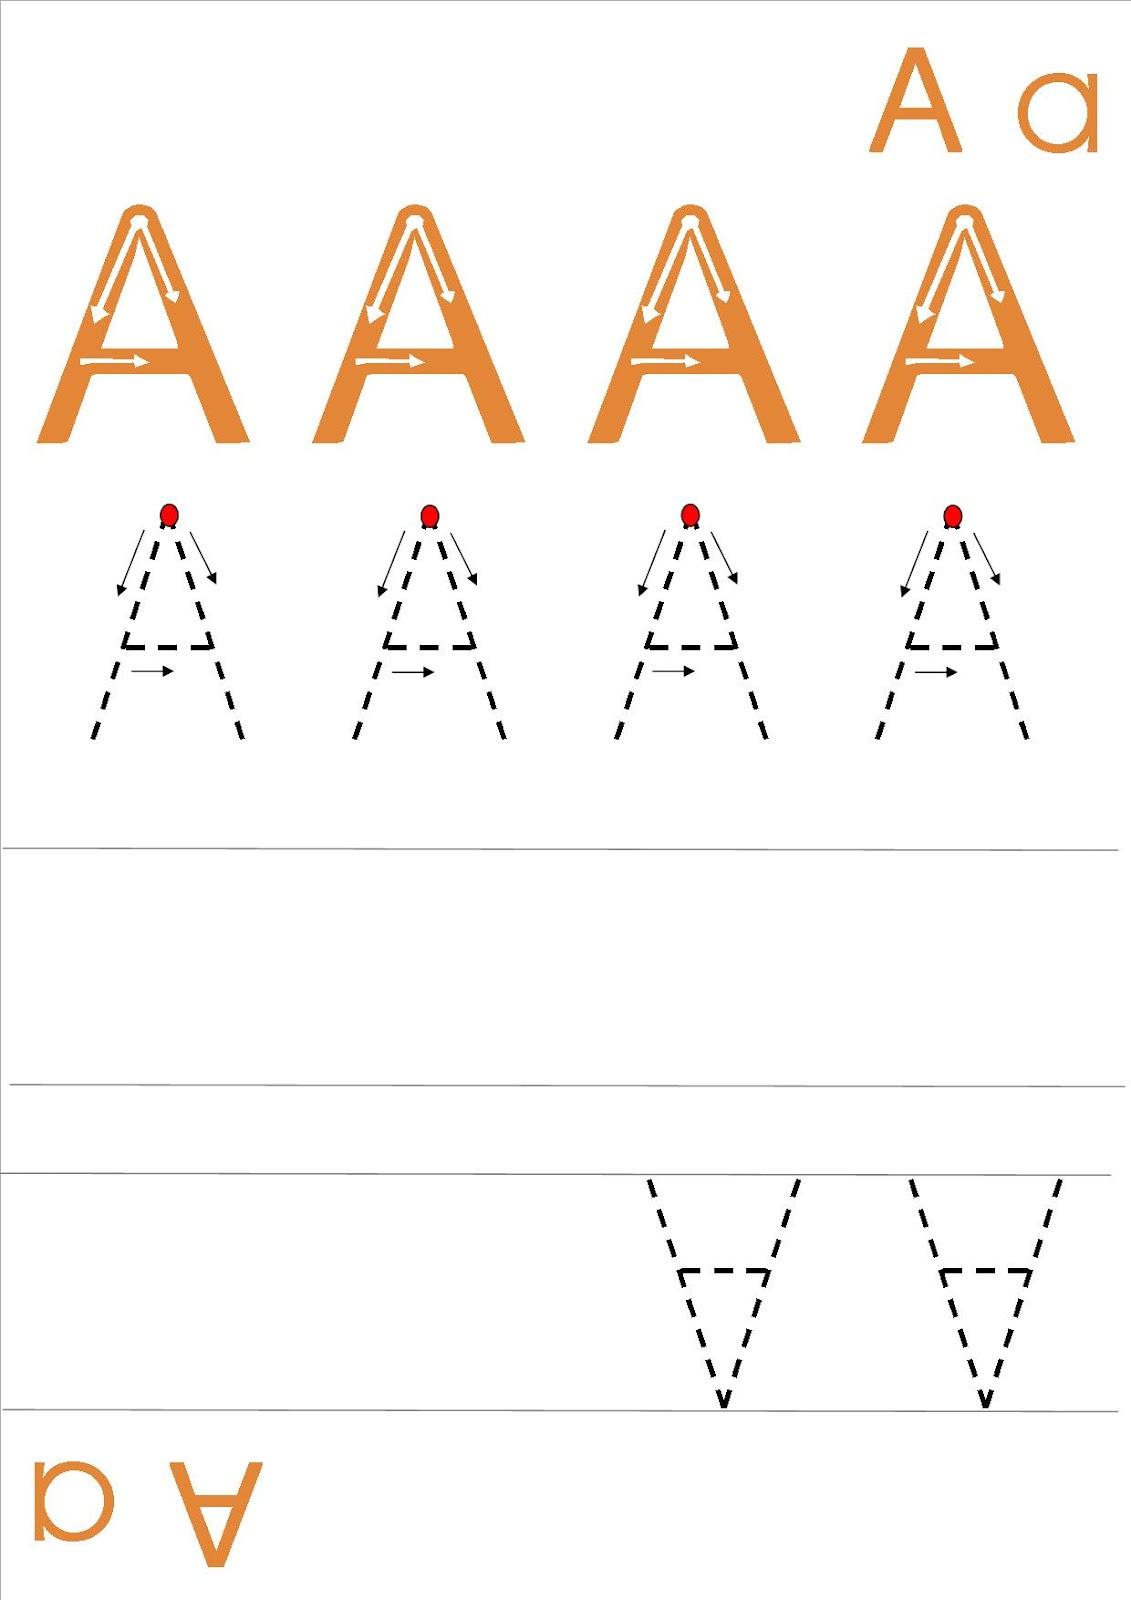 Ecriture majuscule - Lettre alphabet majuscule ...